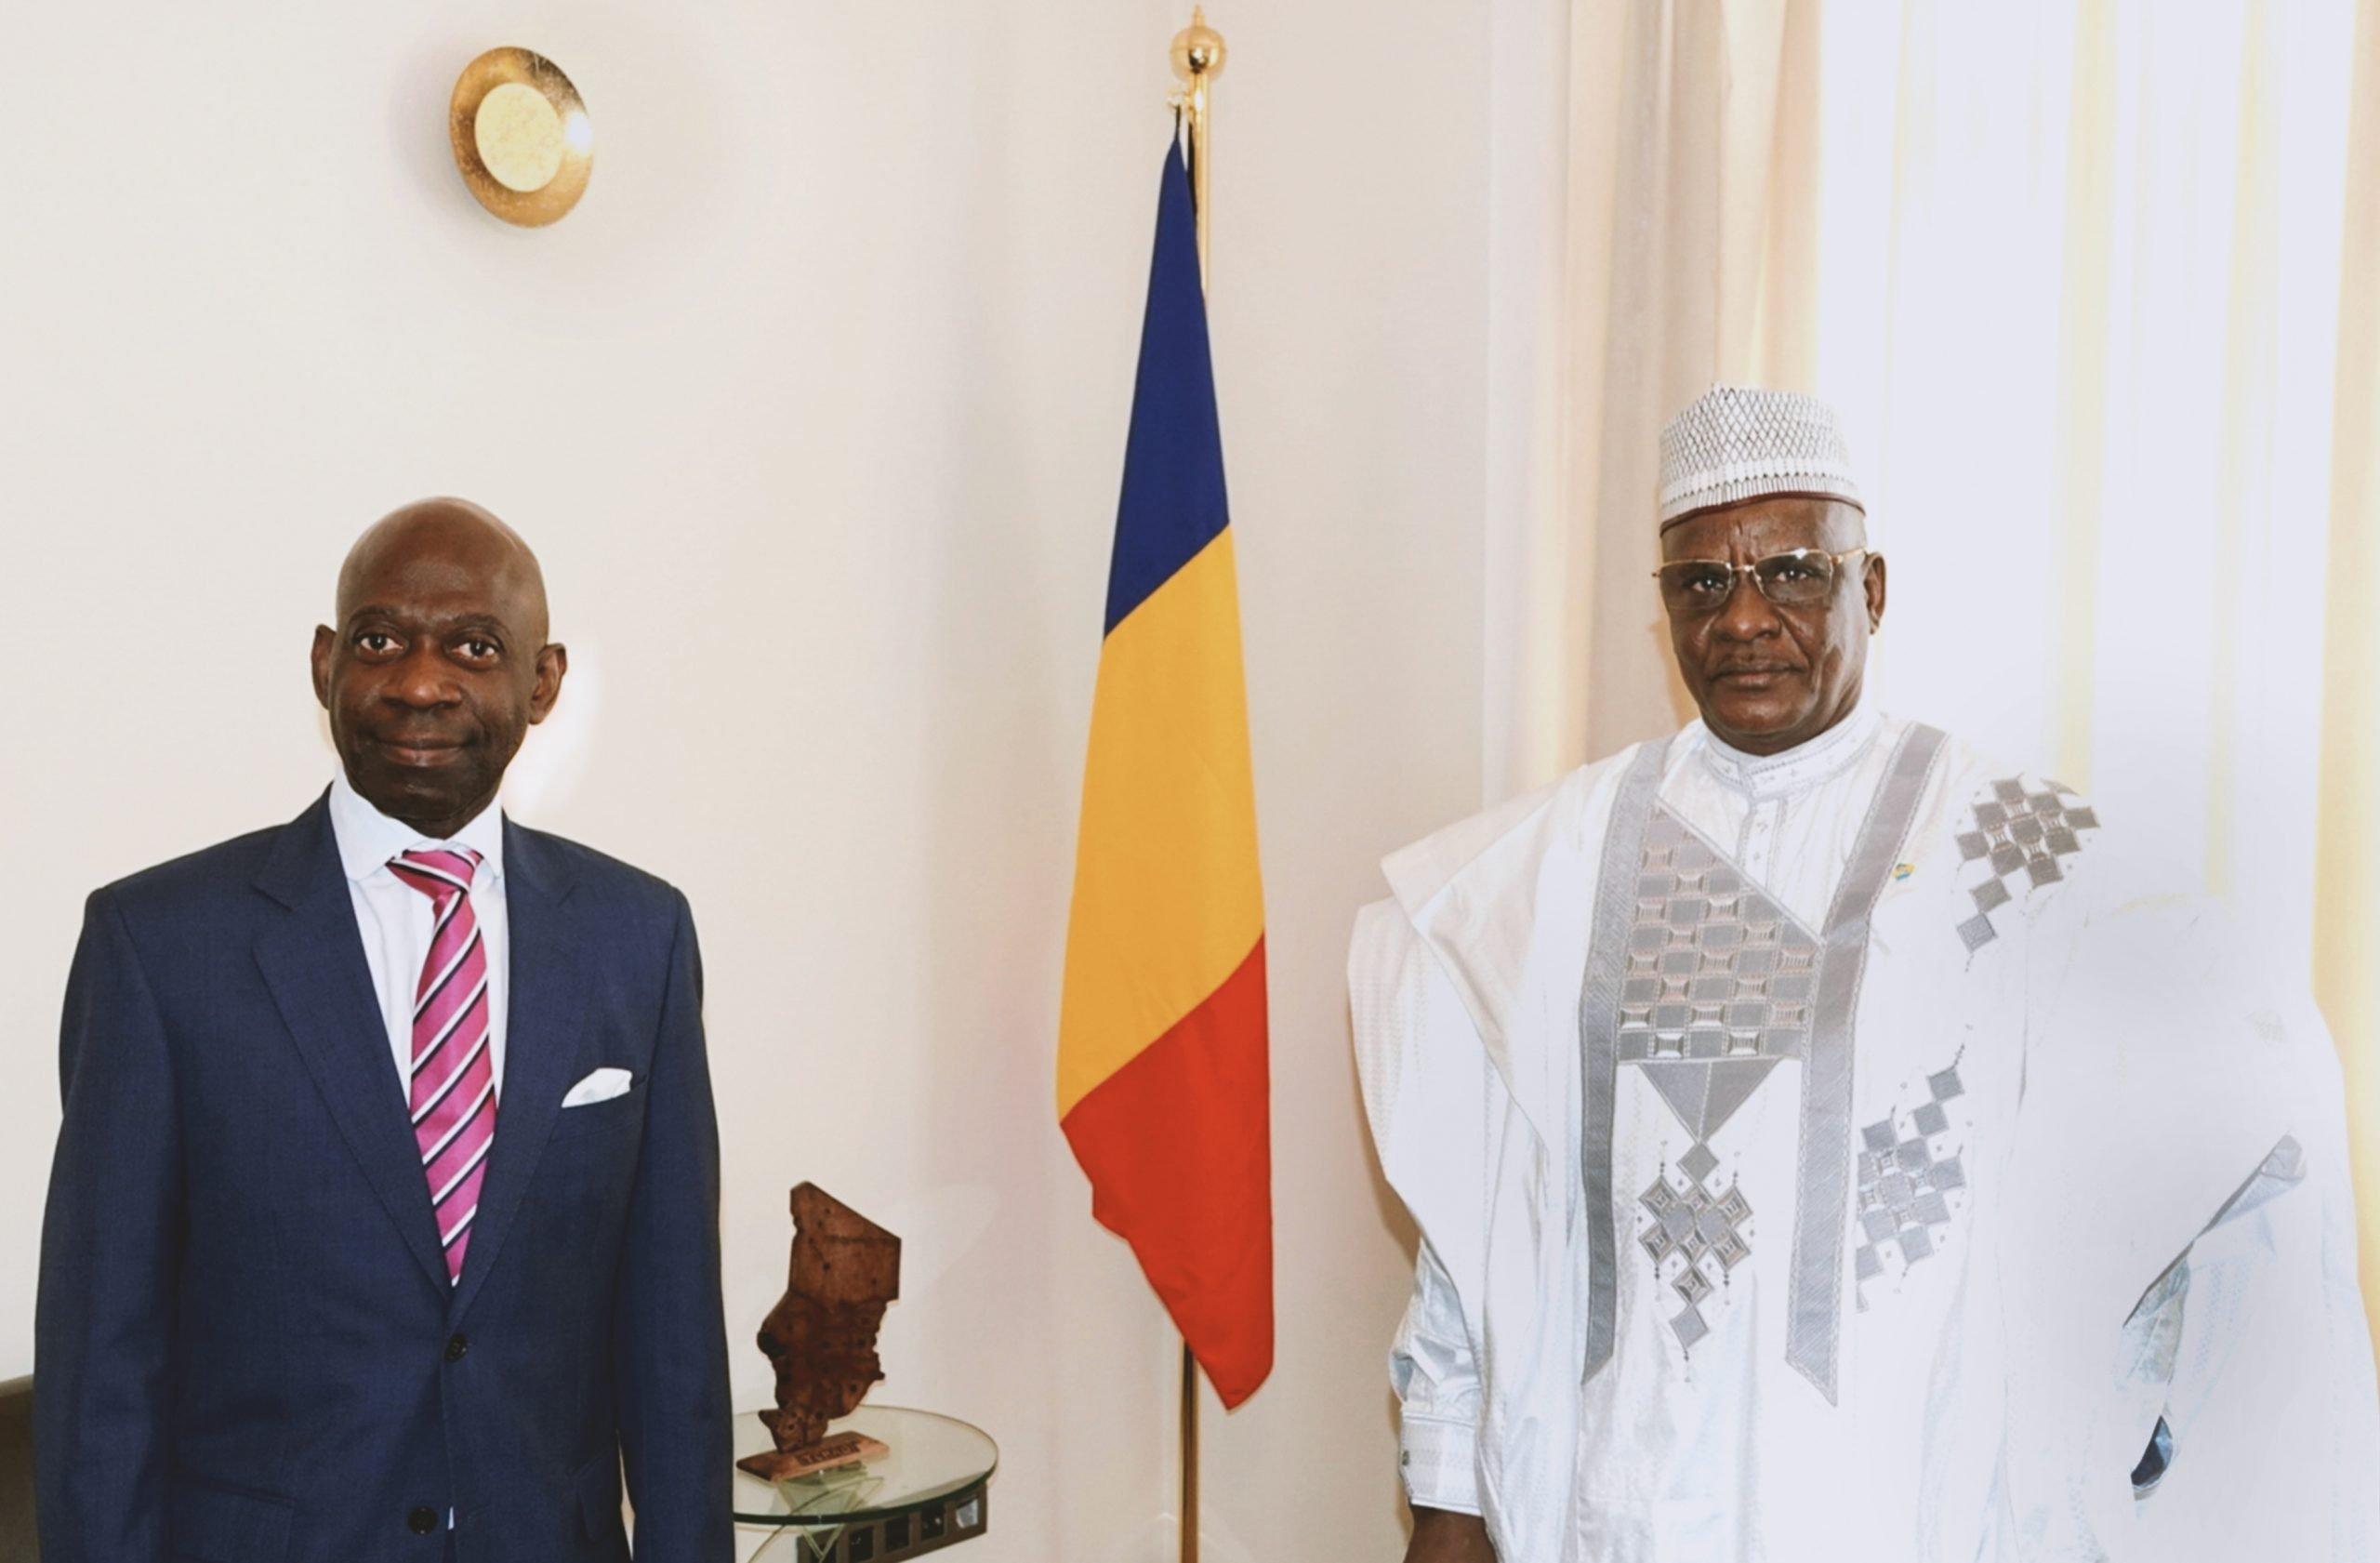 Nvono-Ncá con Embajador de Chad